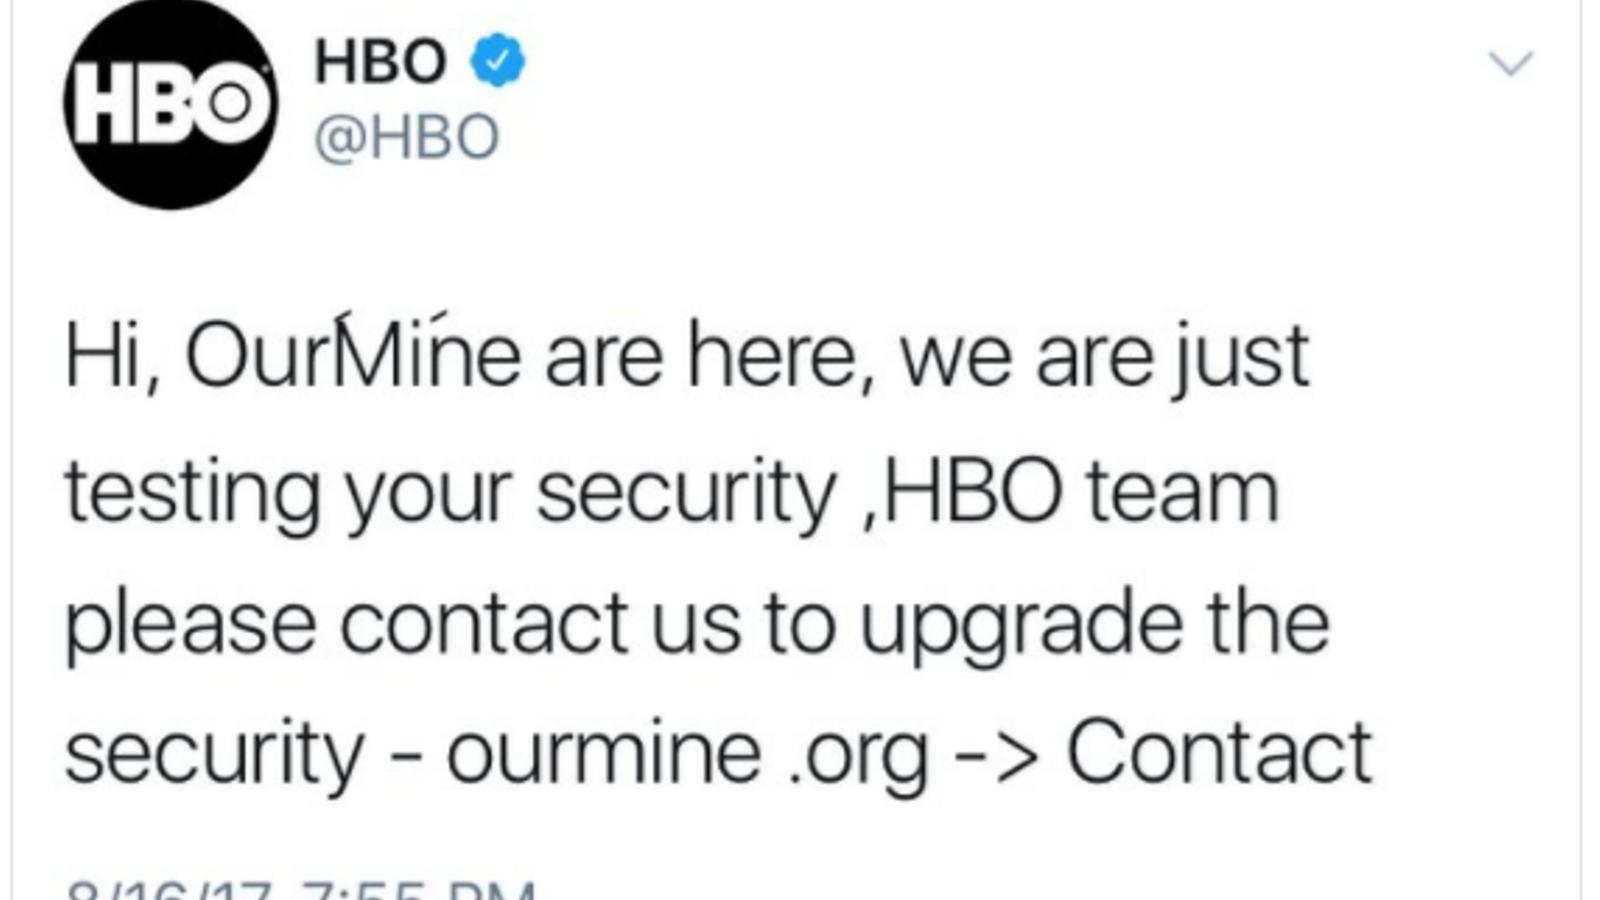 'Hackegen' els comptes de Twitter i Facebook de la HBO